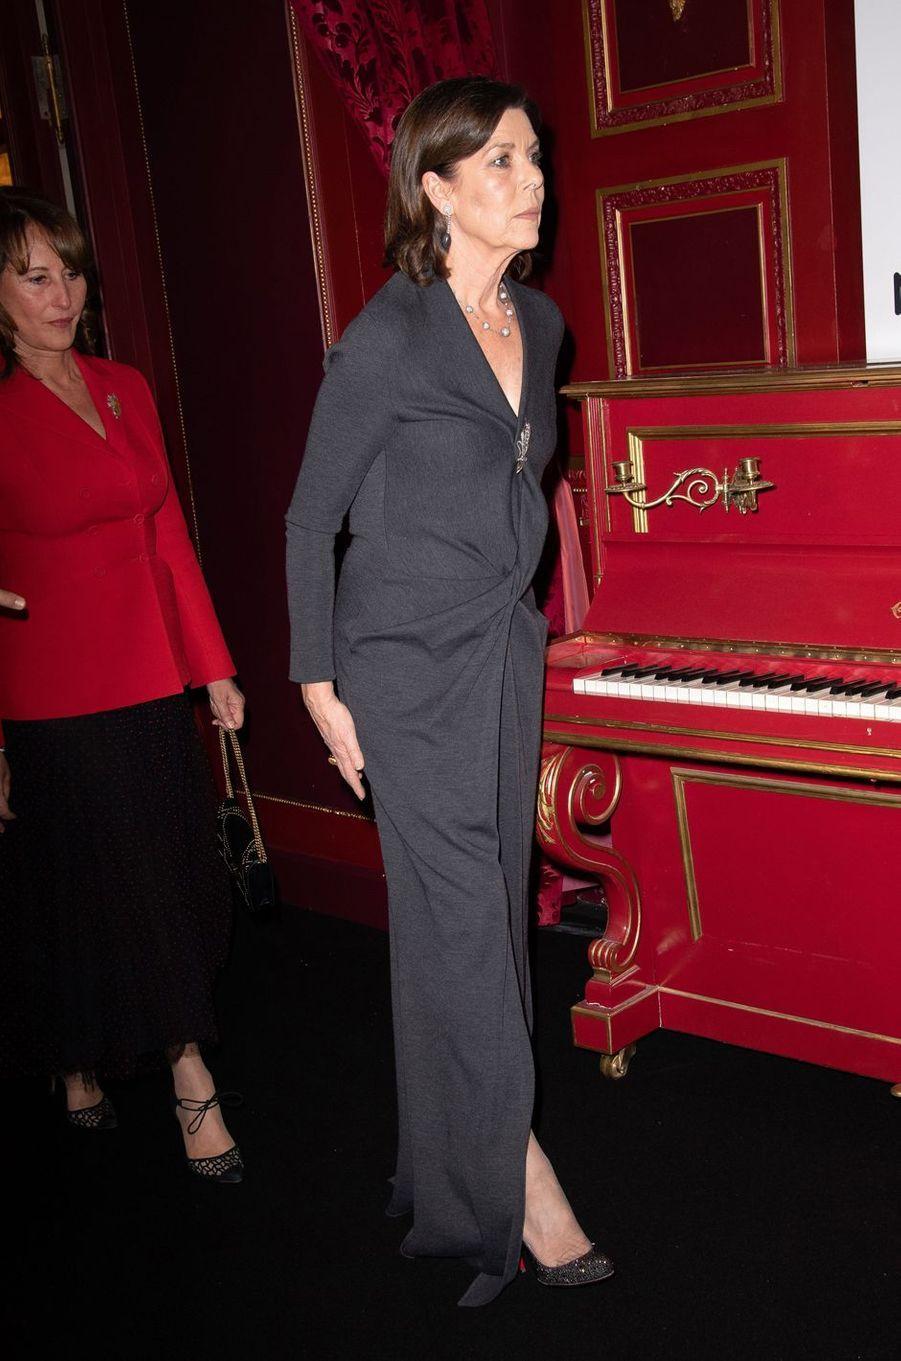 La princesse Caroline de Monaco suivie de Ségolène Royal à Paris, le 24 janvier 2019